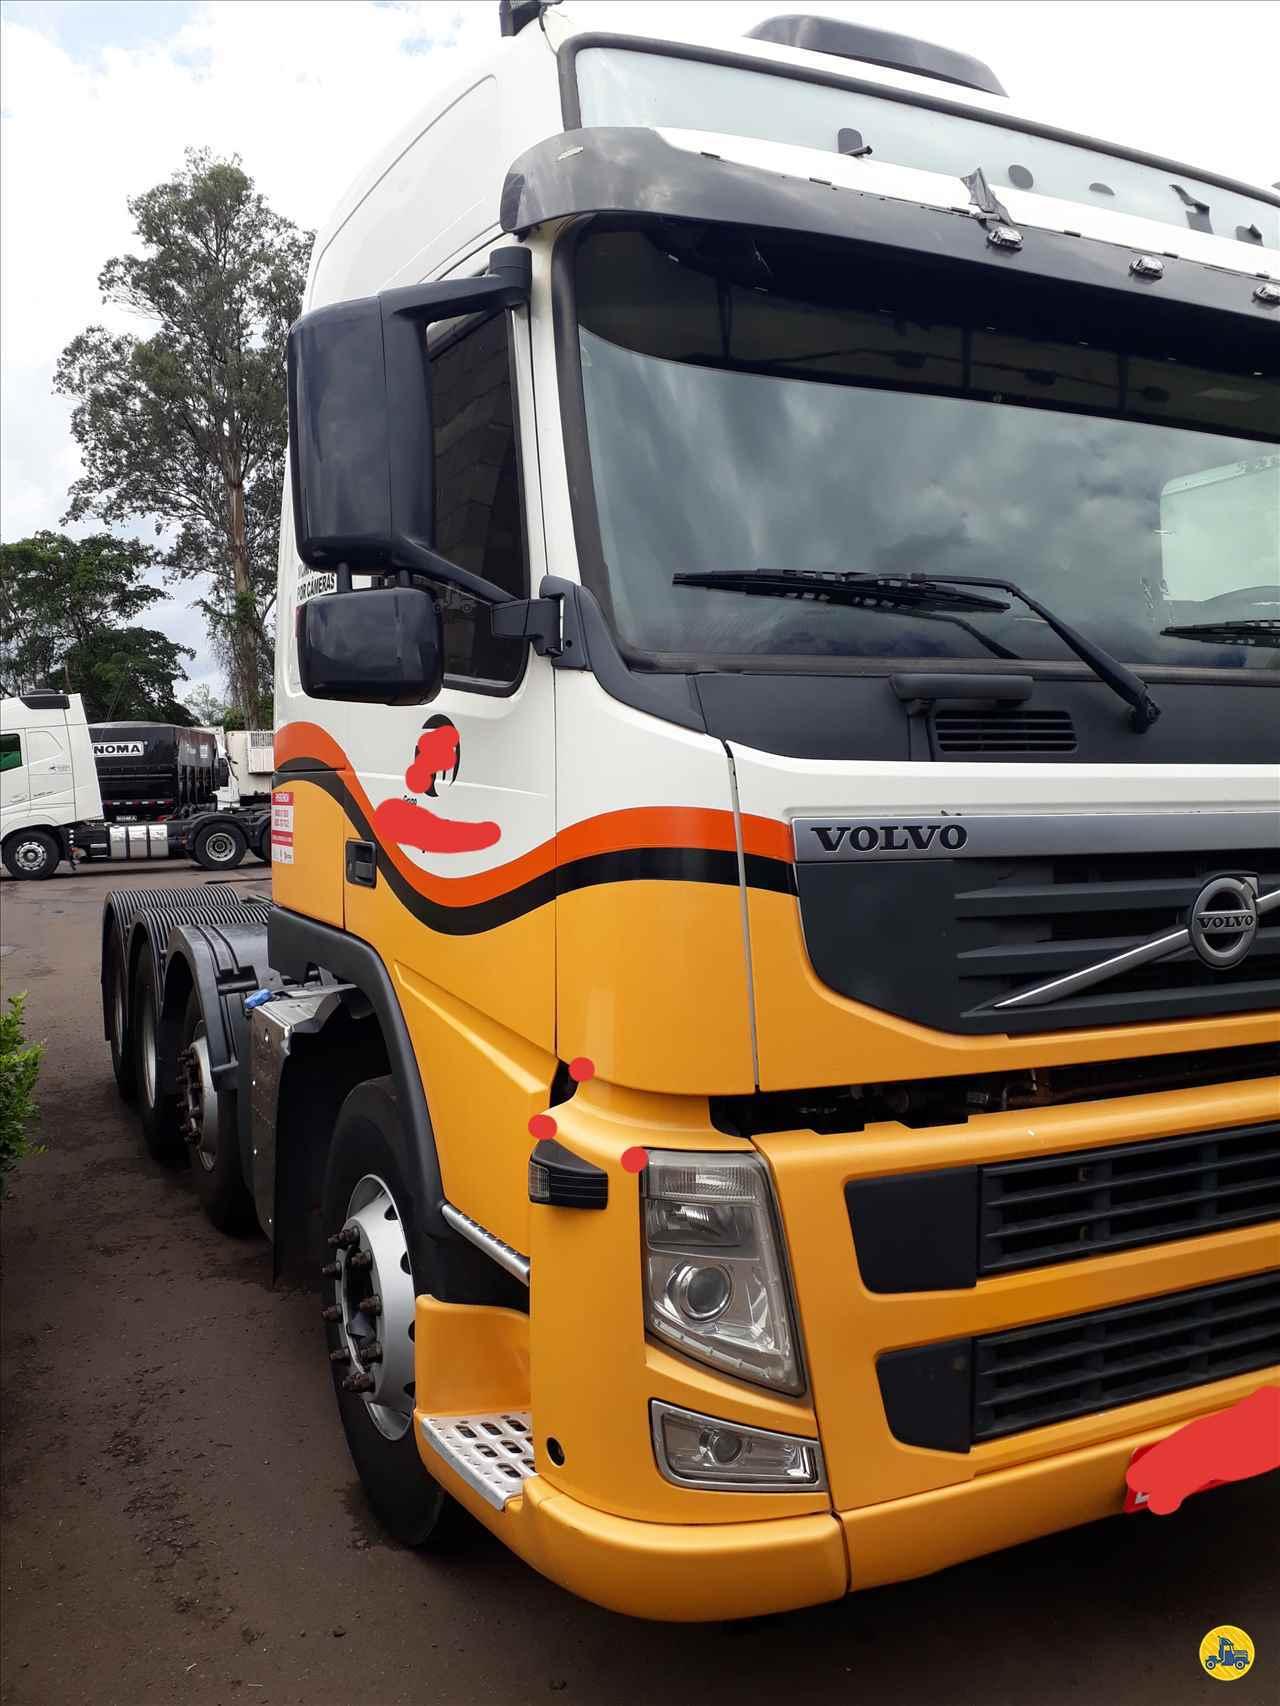 CAMINHAO VOLVO VOLVO FM 370 Cavalo Mecânico BiTruck 8x2 Técnica Implementos Rodoviários - NOMA REGENTE FEIJO SÃO PAULO SP